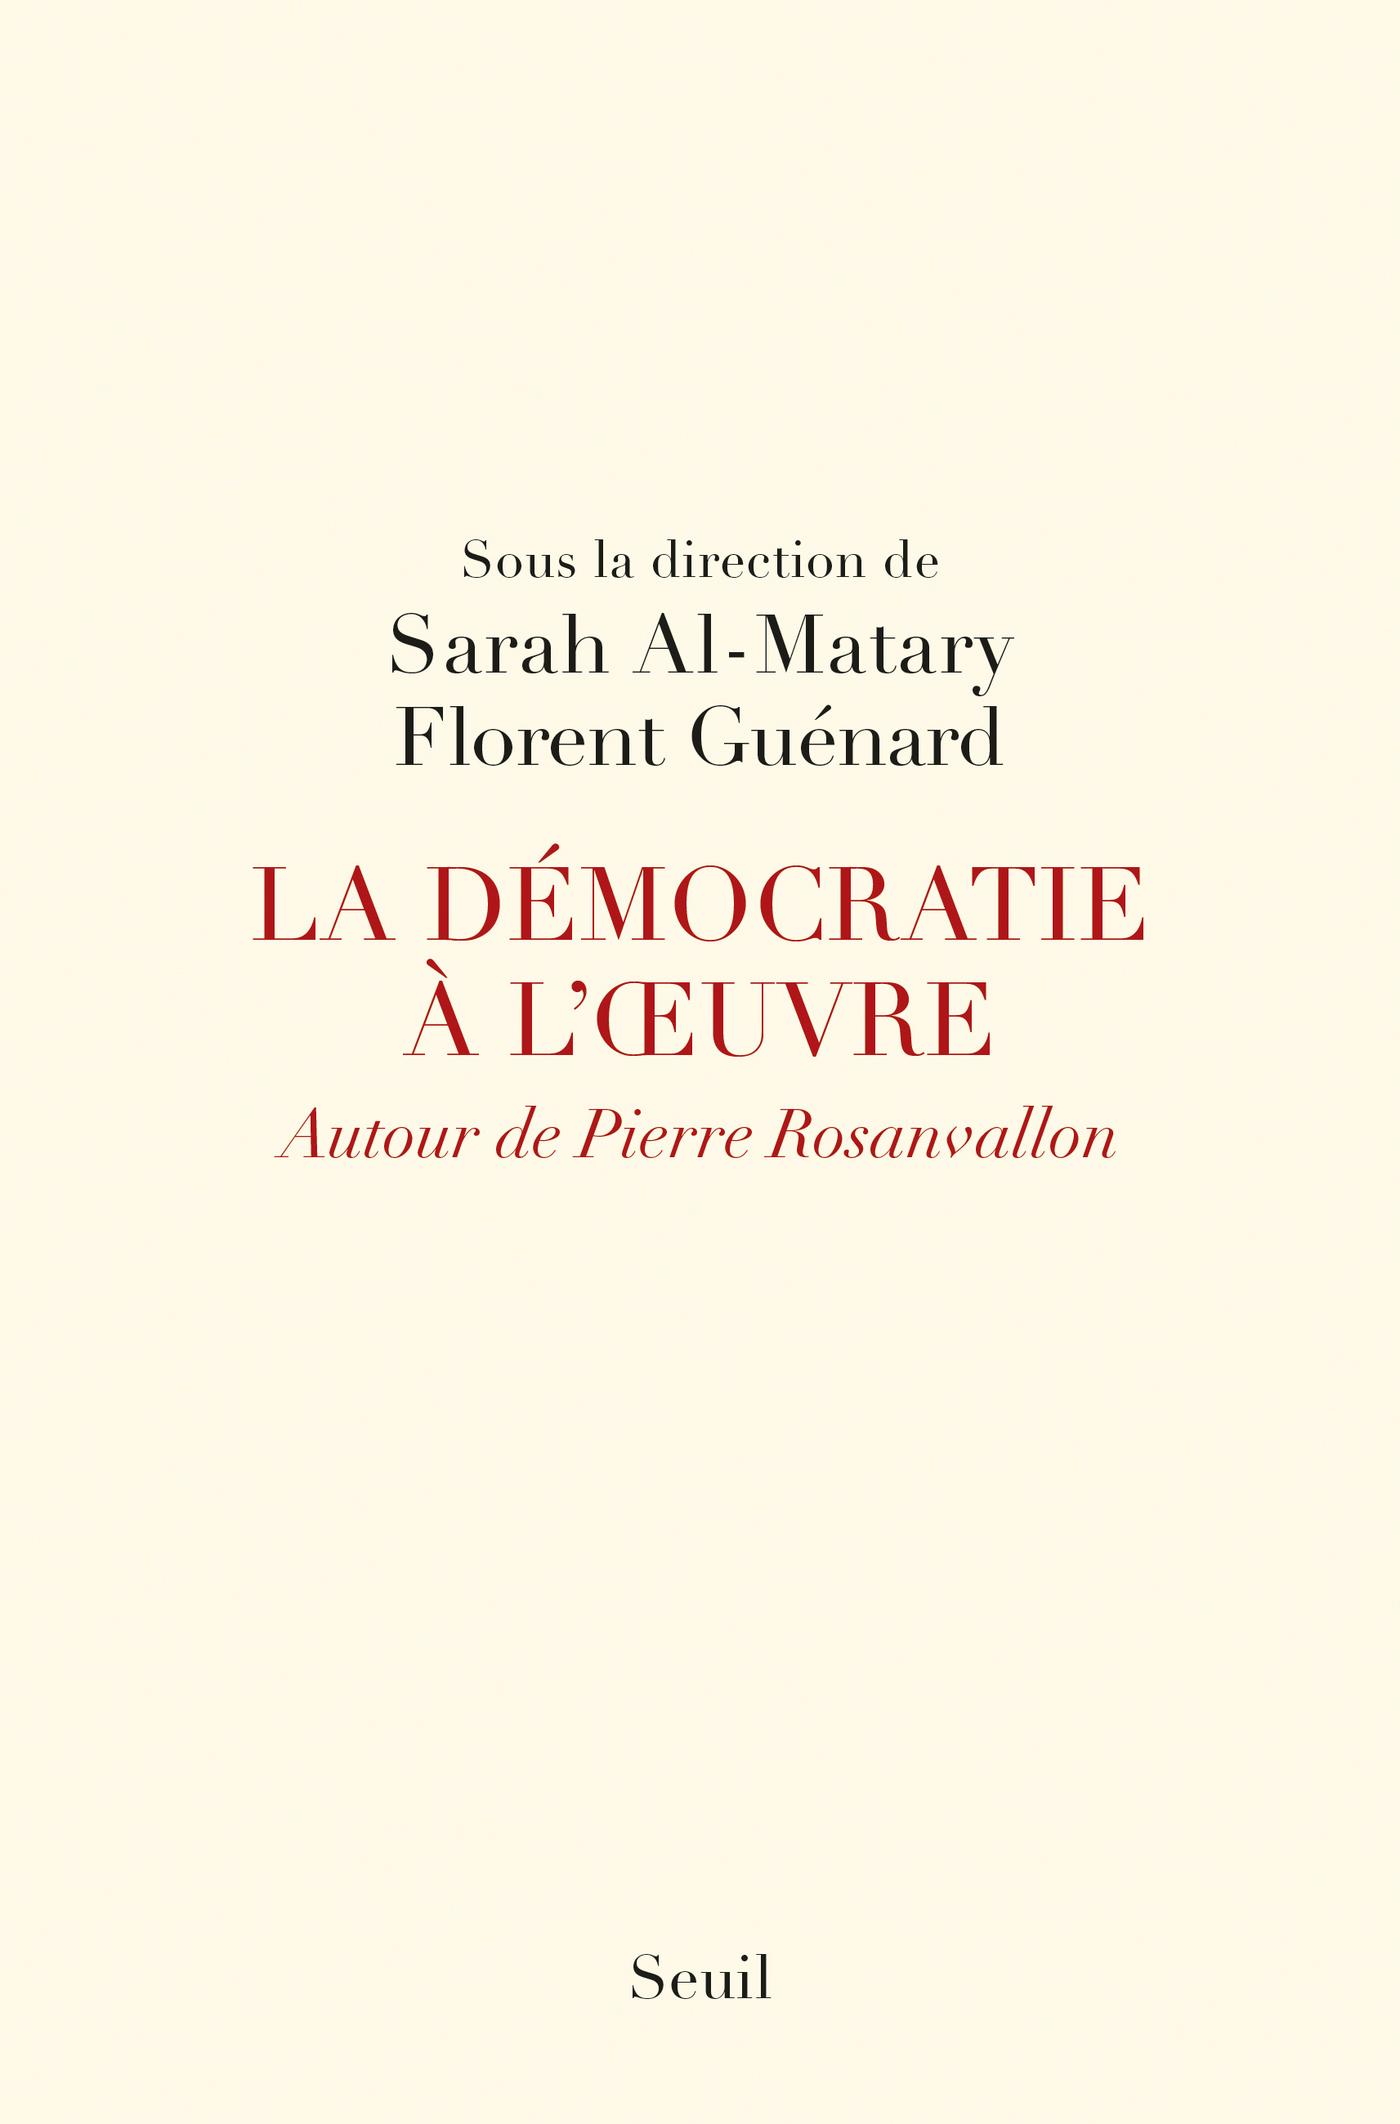 La Démocratie à l'oeuvre. Autour de Pierre Rosanvallon